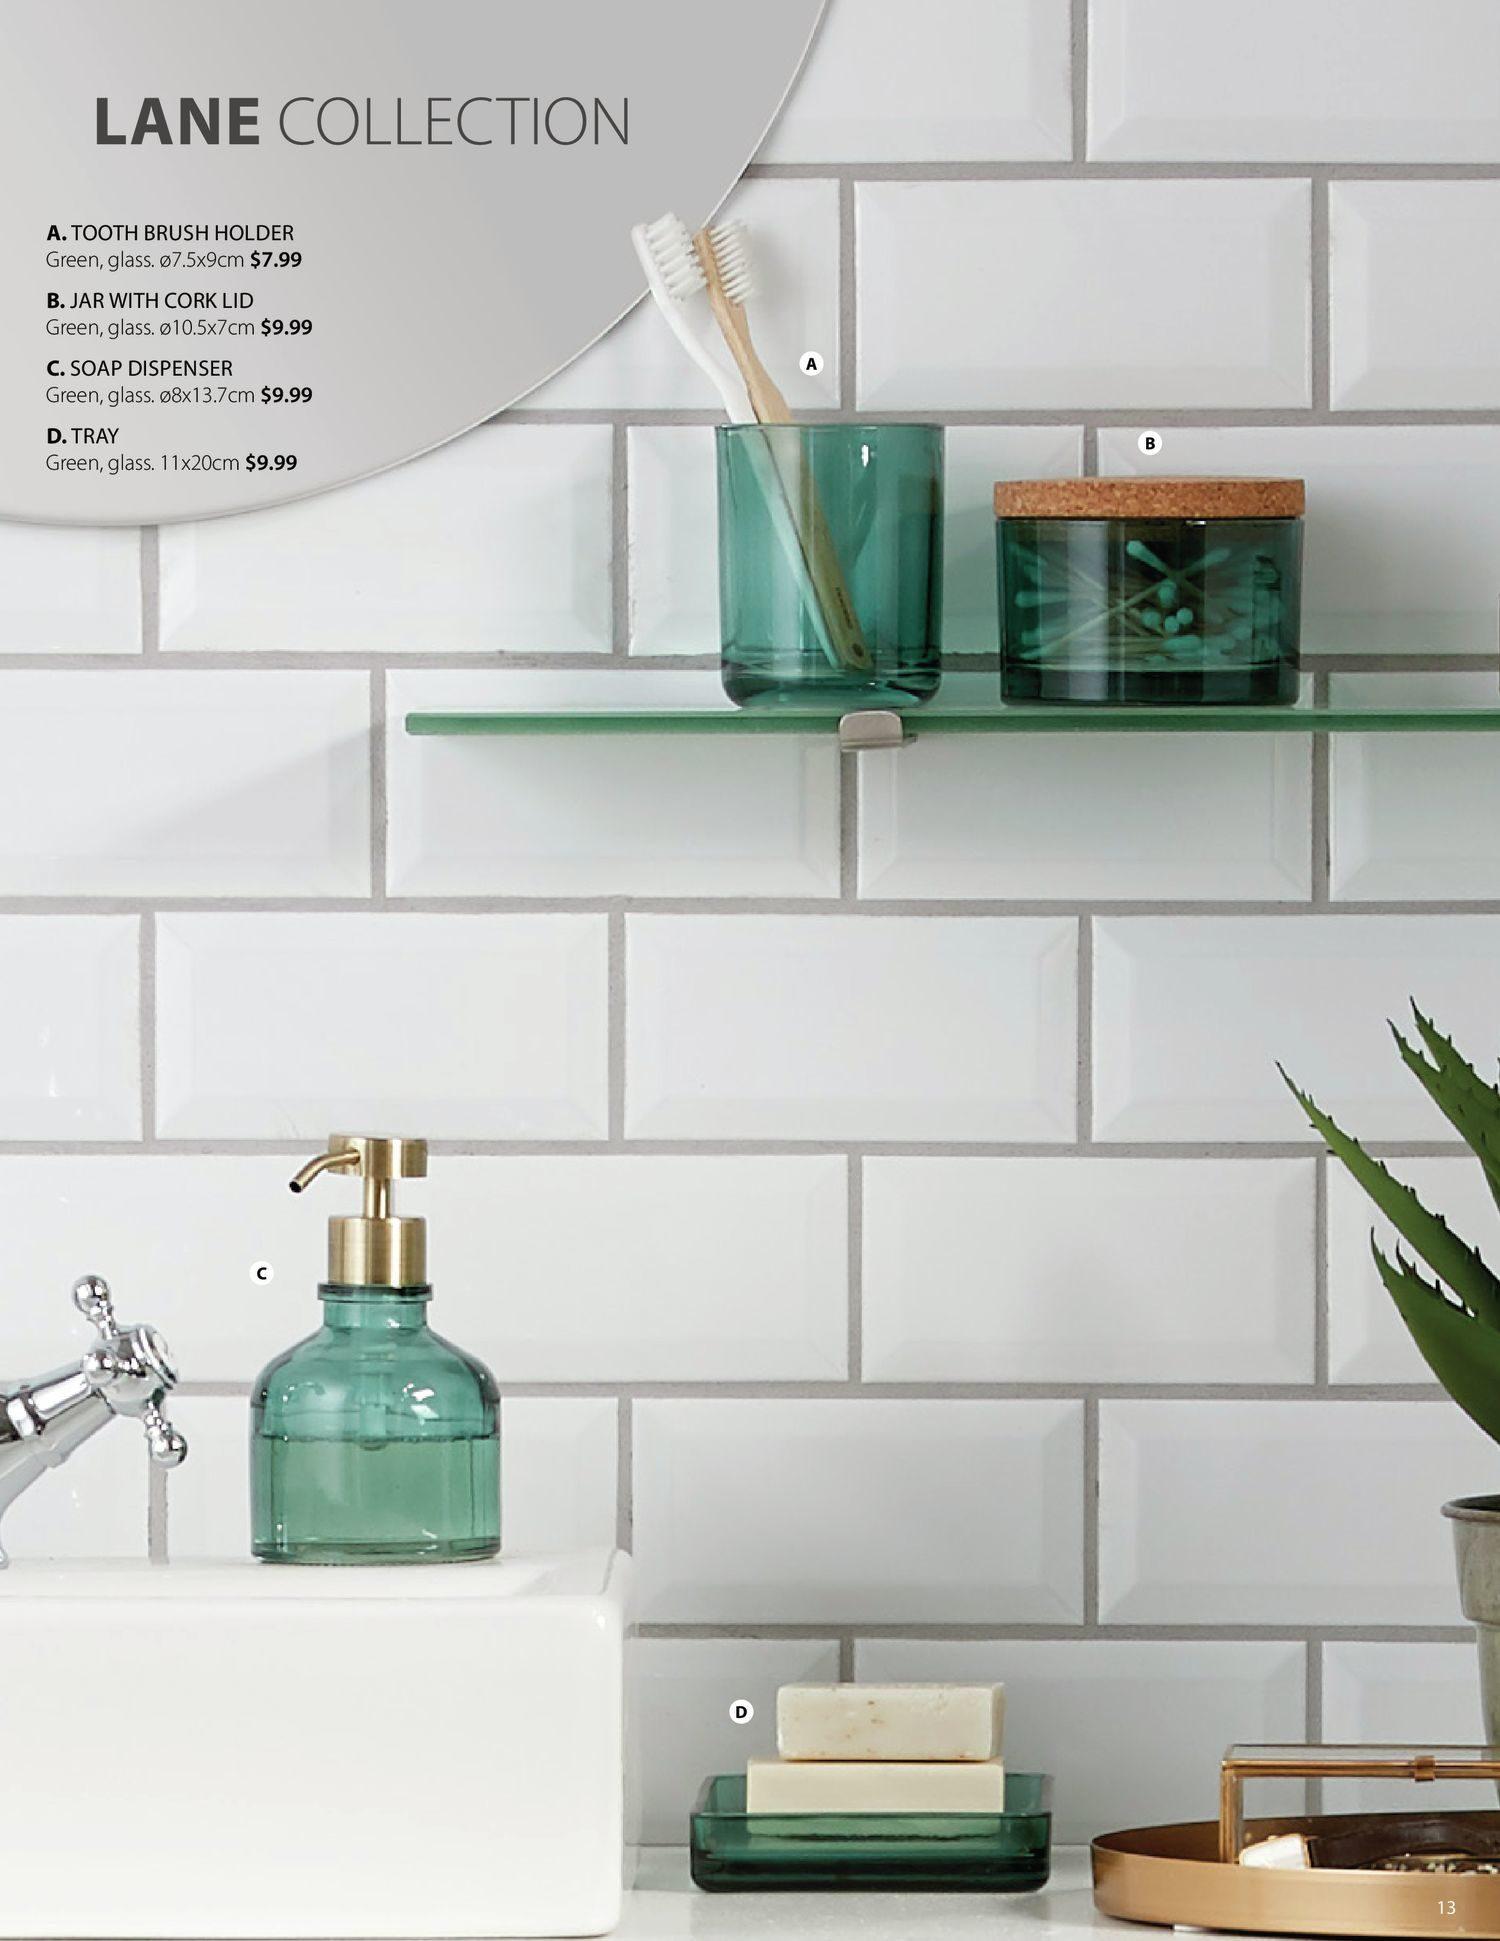 Jysk - Bathroom Accessories Catalogue 2021 - Page 13